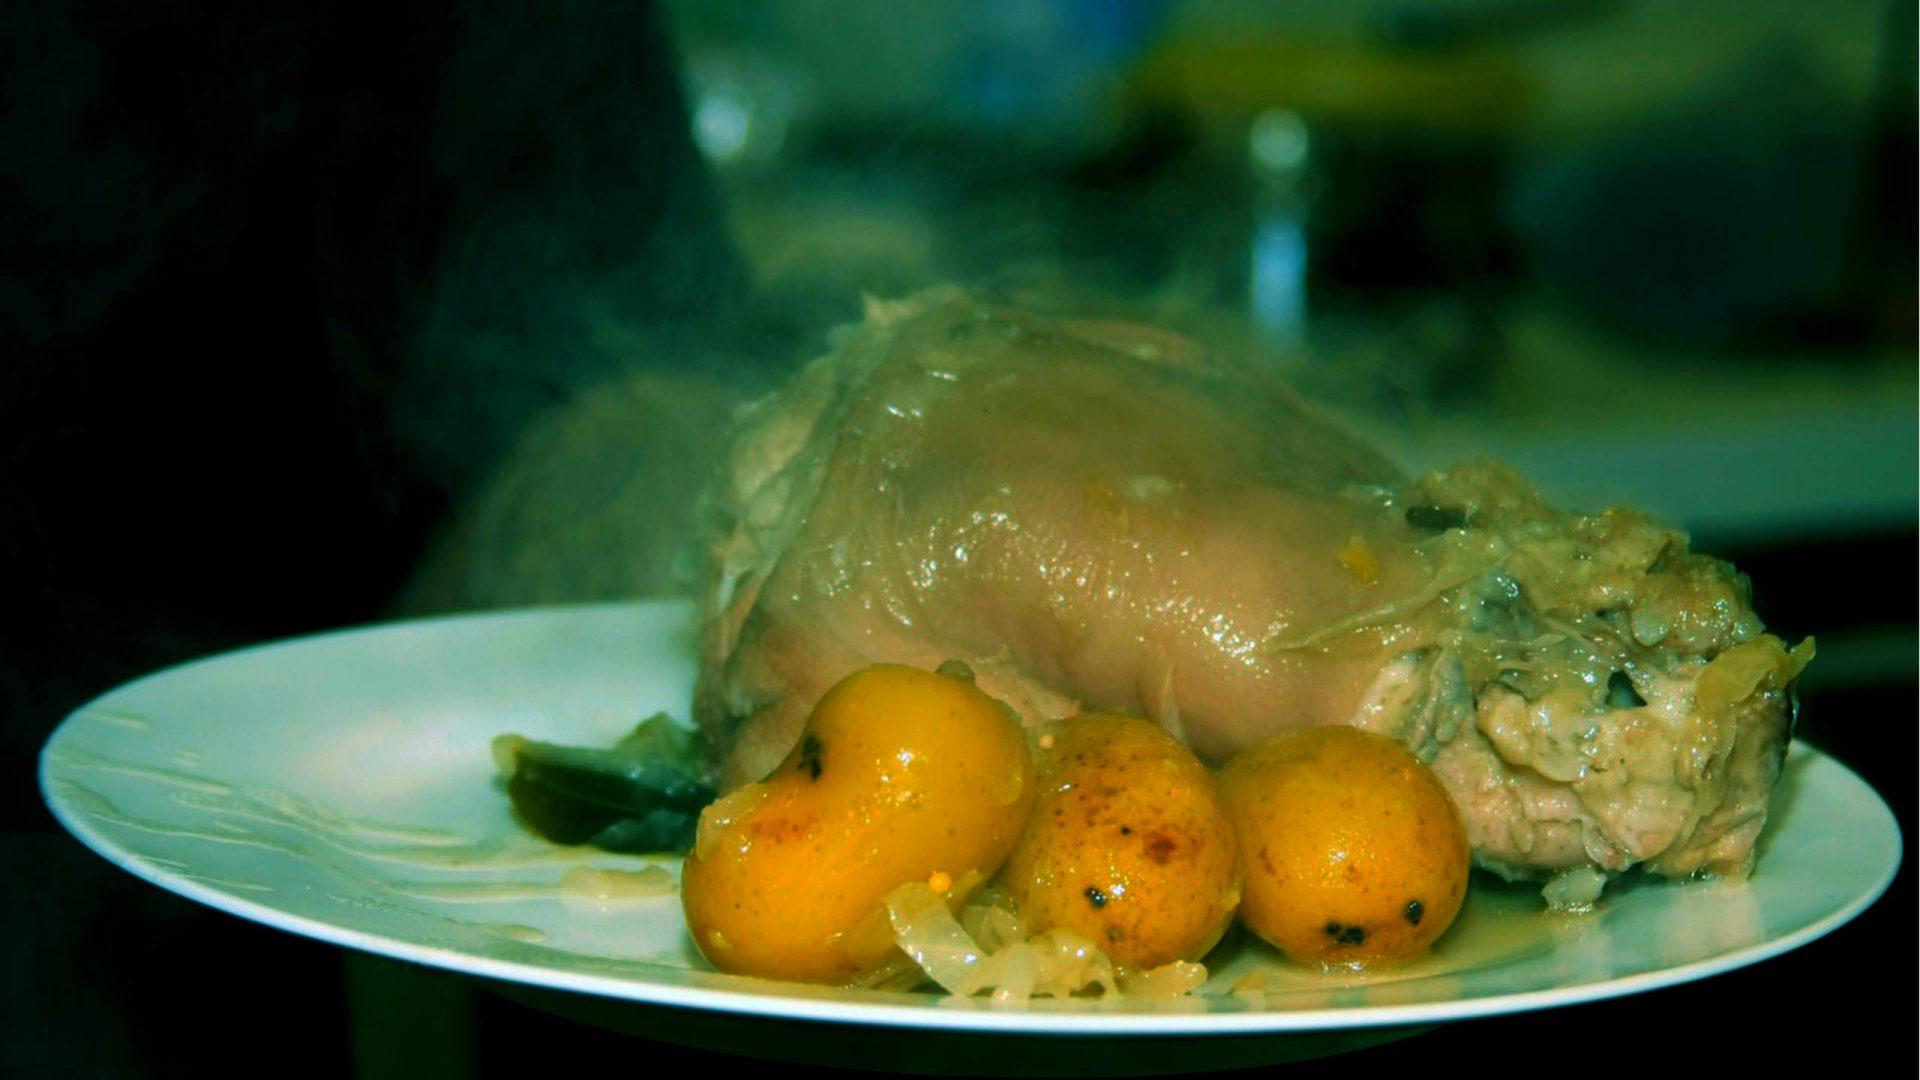 אייסביין (רגל חזיר) בכרוב כבוש ותפוחי אדמה